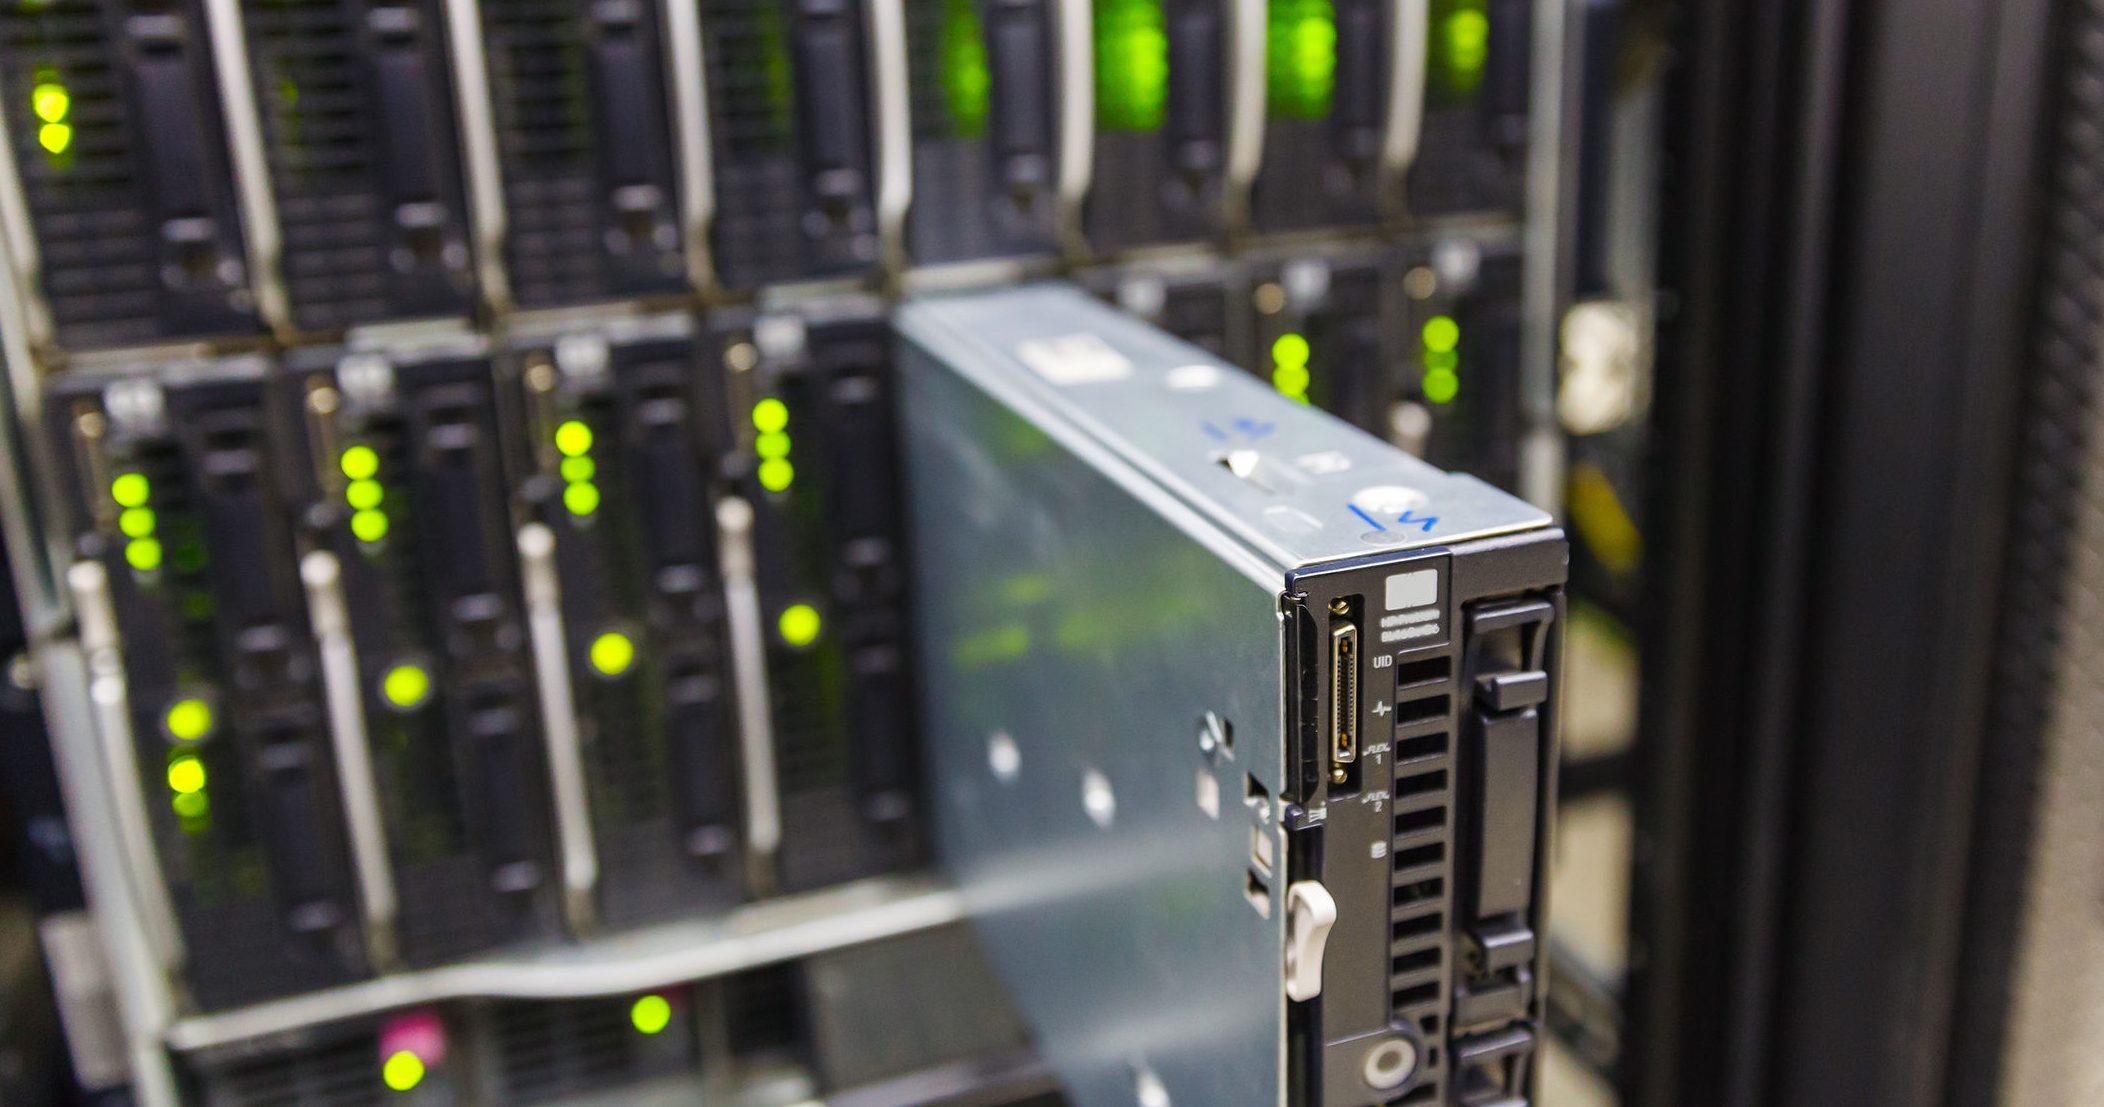 Server Per Ufficio Prezzi.Migliori Nas Network Attached Storage 2020 Guida All Acquisto